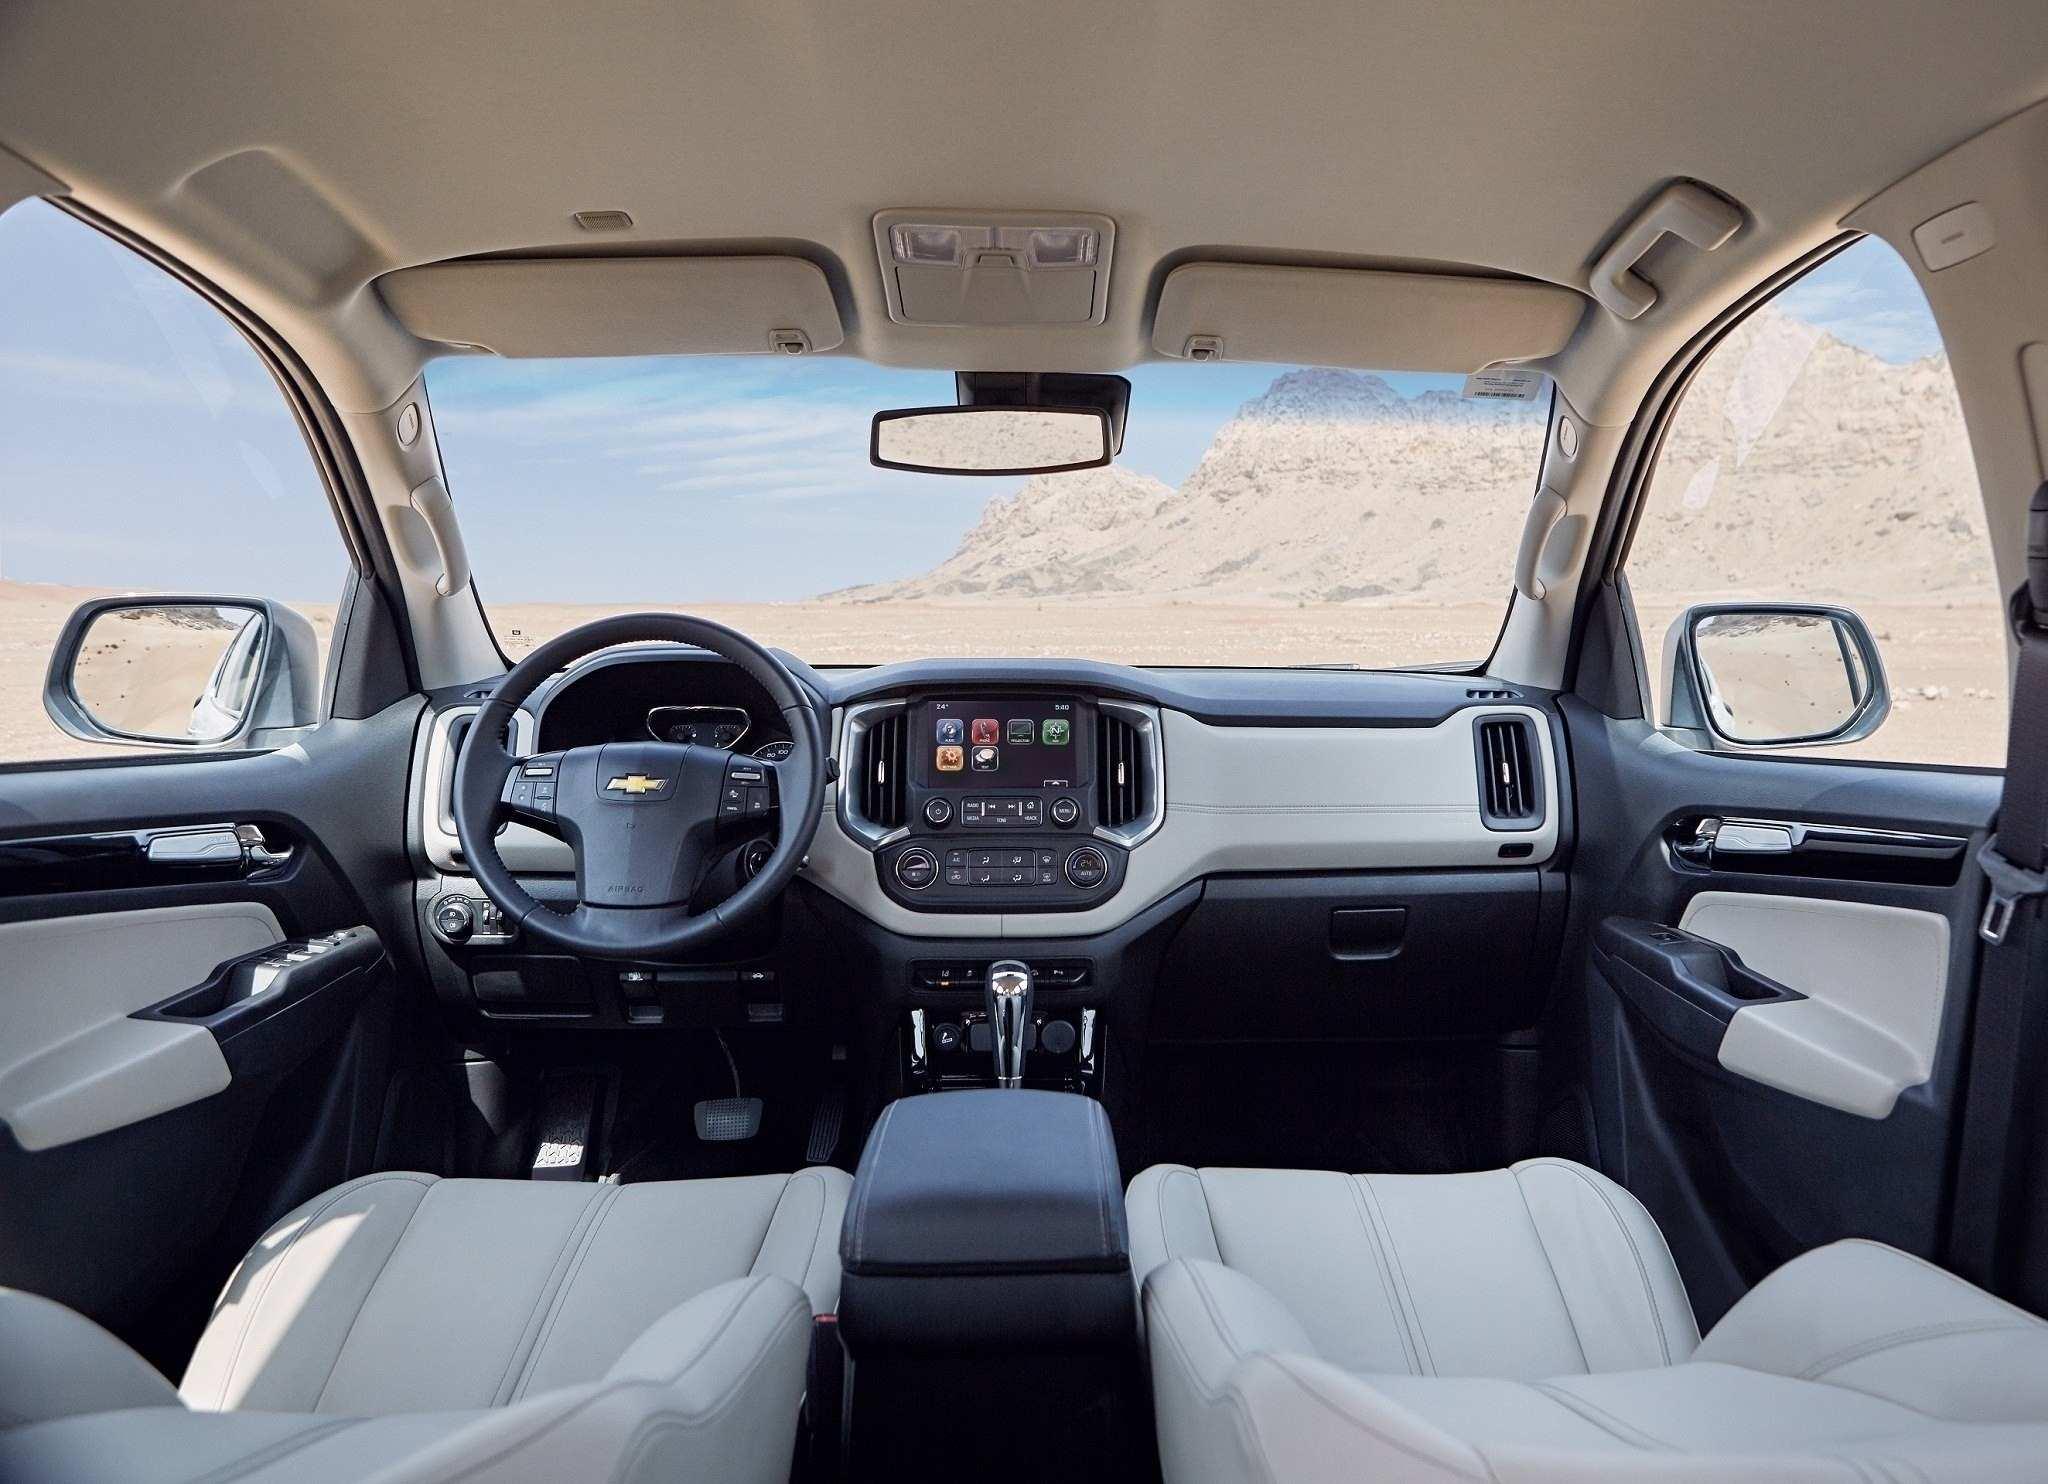 99 Best Review Chevrolet Trailblazer 2020 Interior Pricing by Chevrolet Trailblazer 2020 Interior